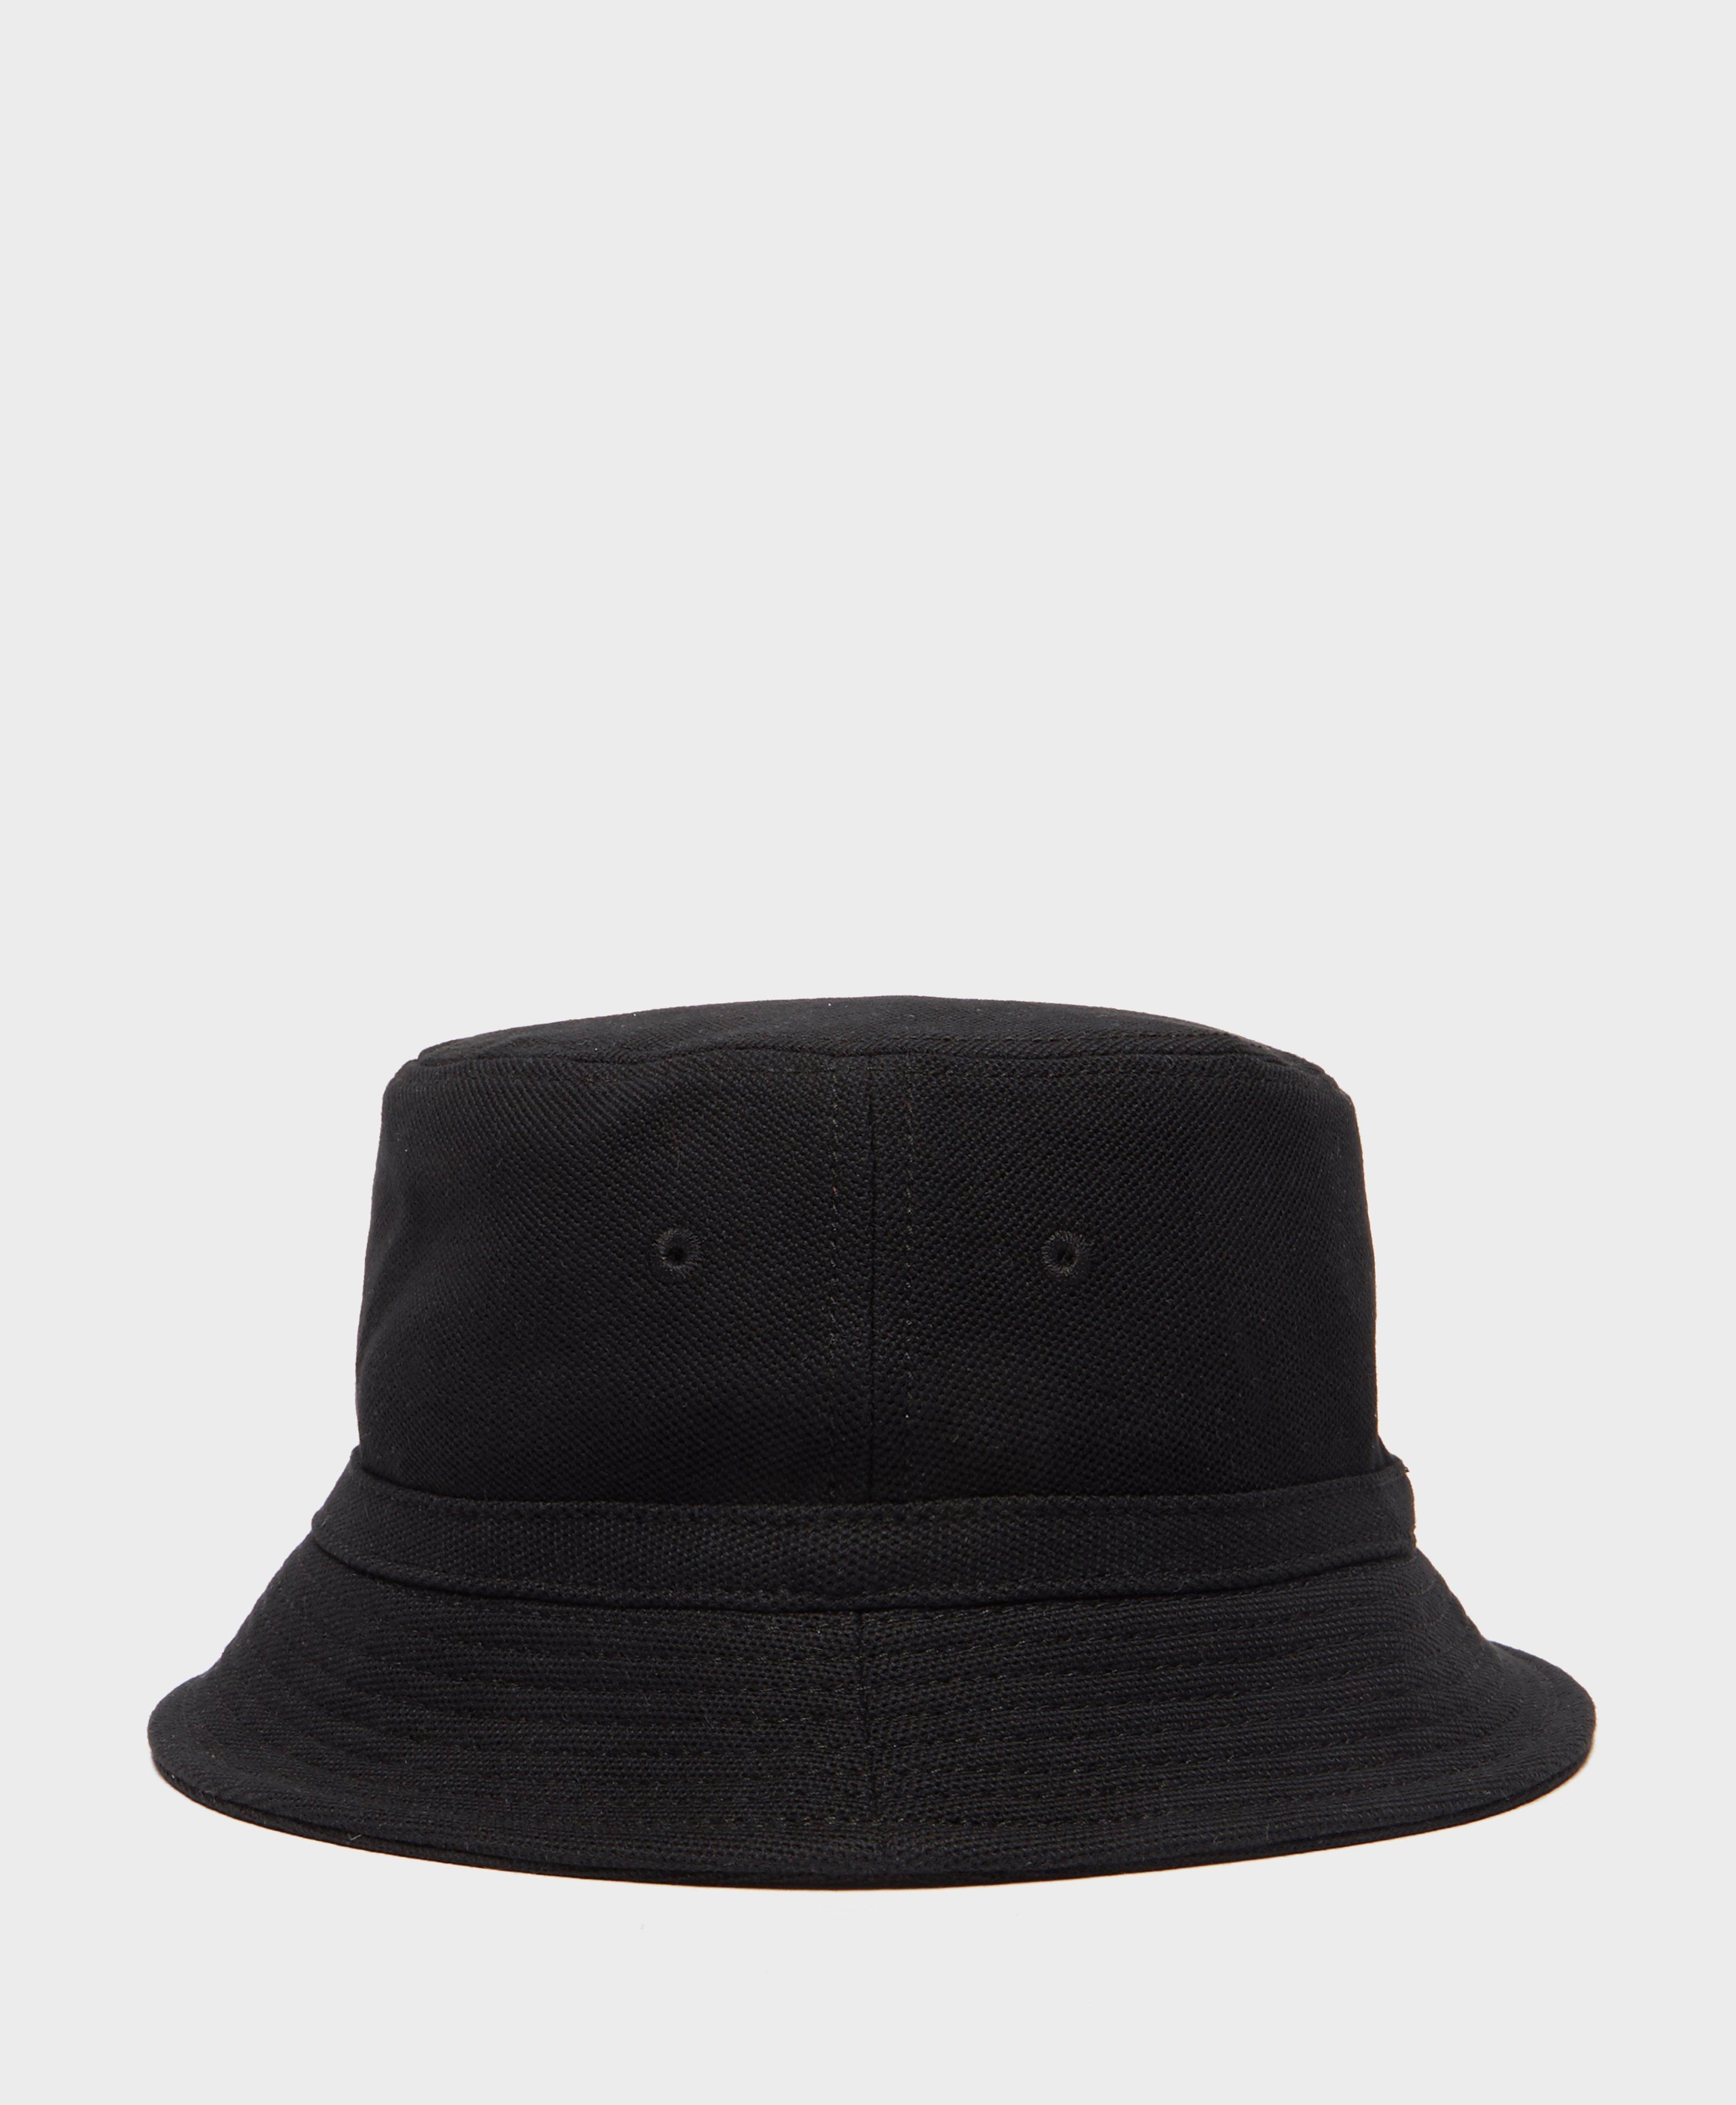 Lyst - Lacoste Pique Bucket Hat in Black for Men a73fec5f91e